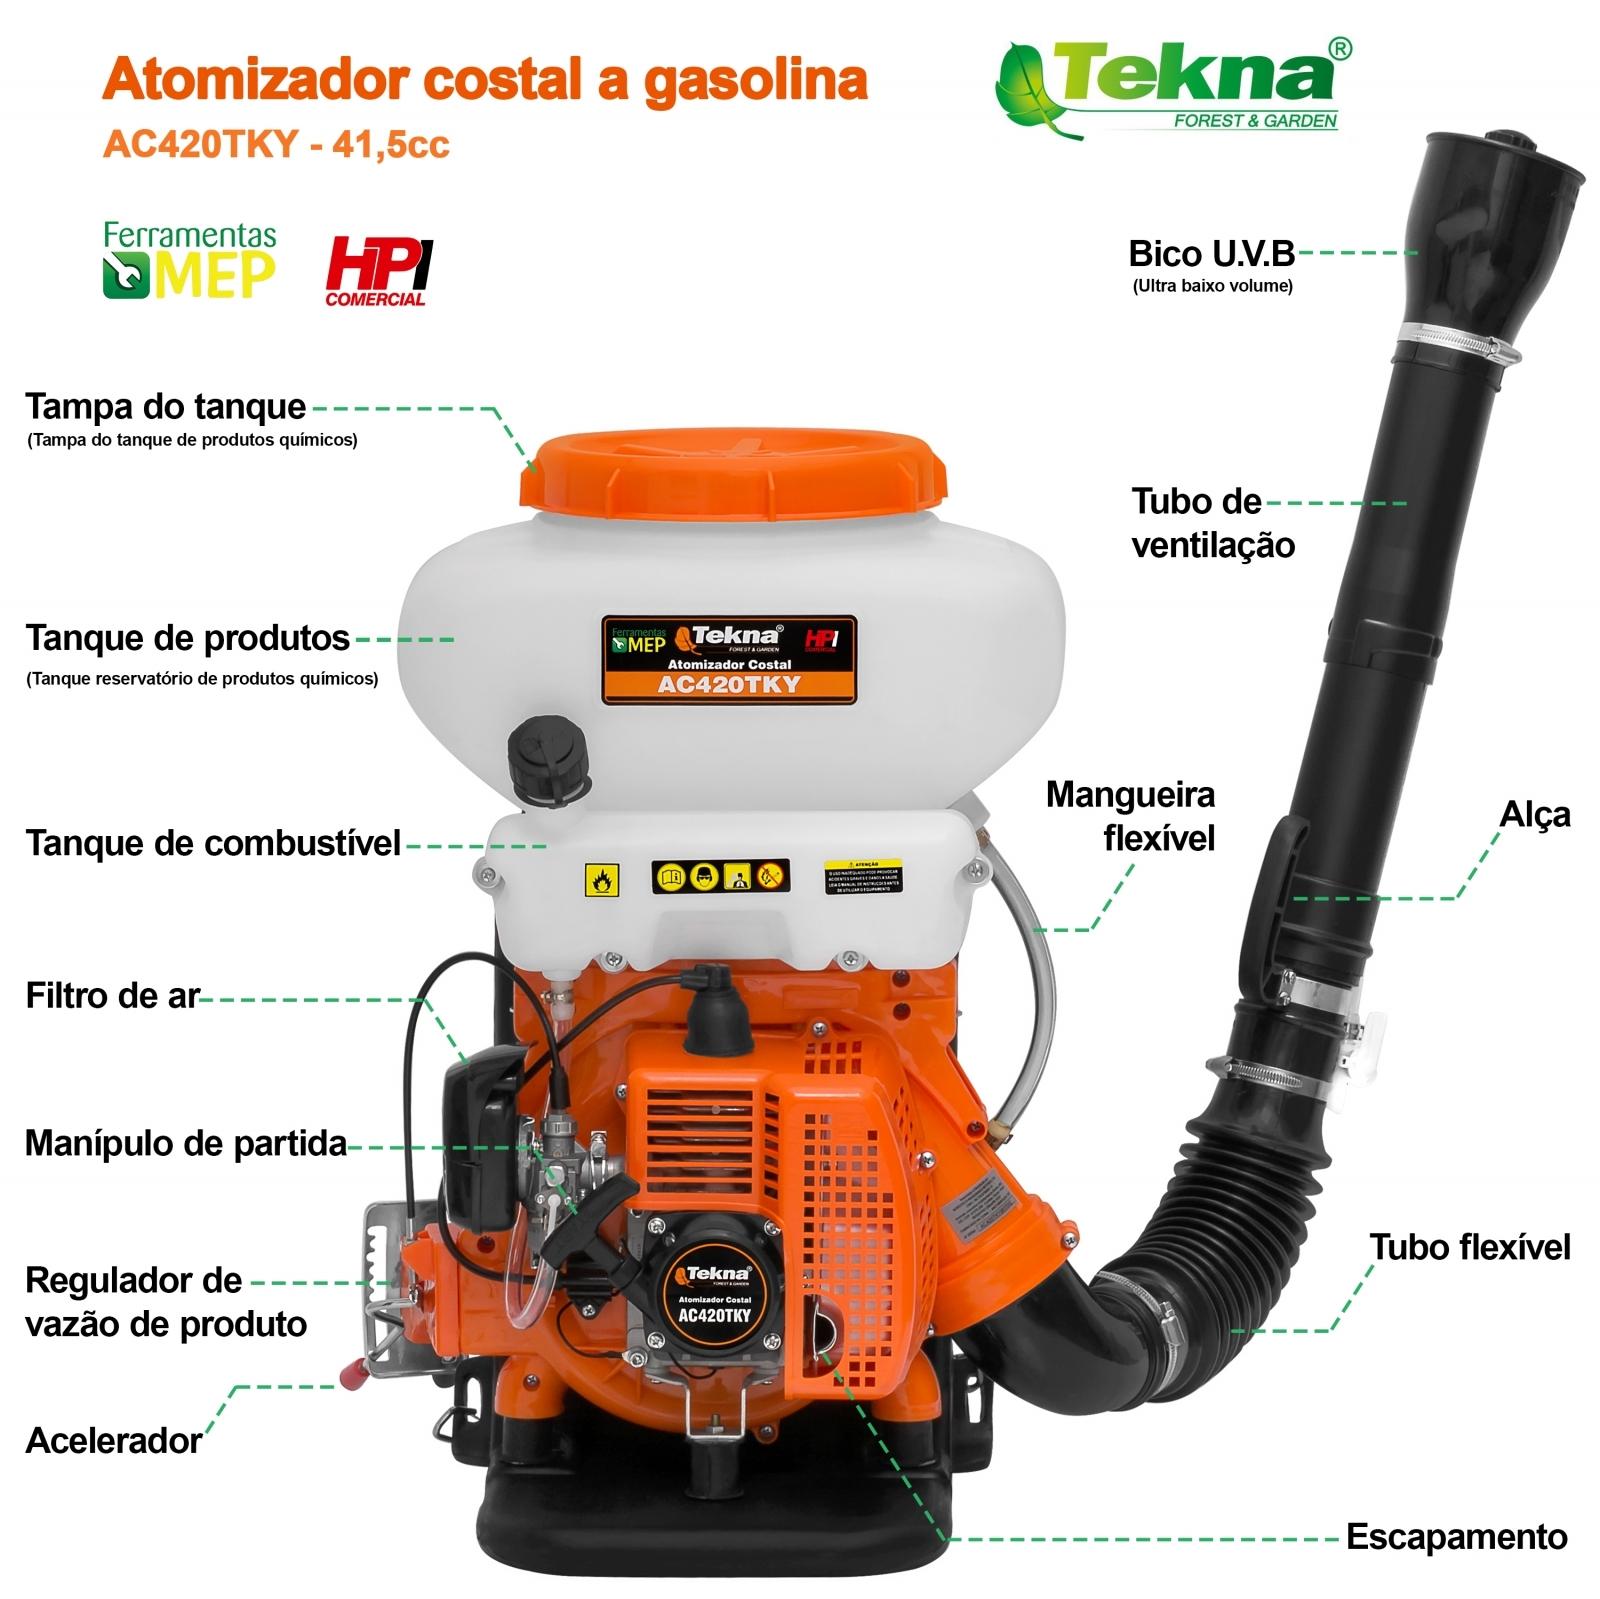 Atomizador Costal A Gasolina Tekna Modelo Ac420tky  - Ferramentas MEP